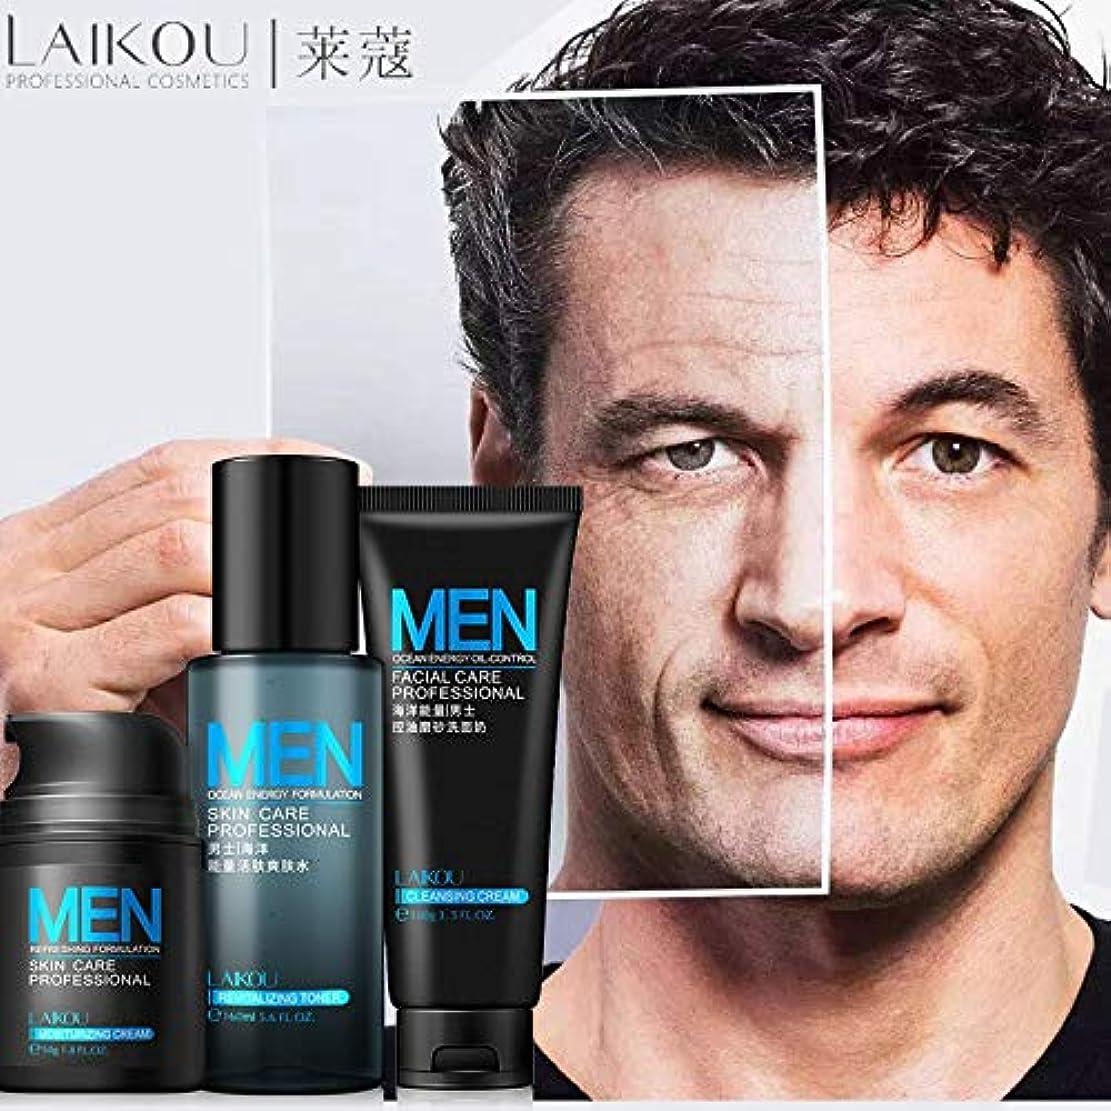 六月アシストを通して男性3枚Clserトナークリーム保湿オイルコントロールの毎日のケアセット毛穴アンチリンクル男性フェイスケアを縮小